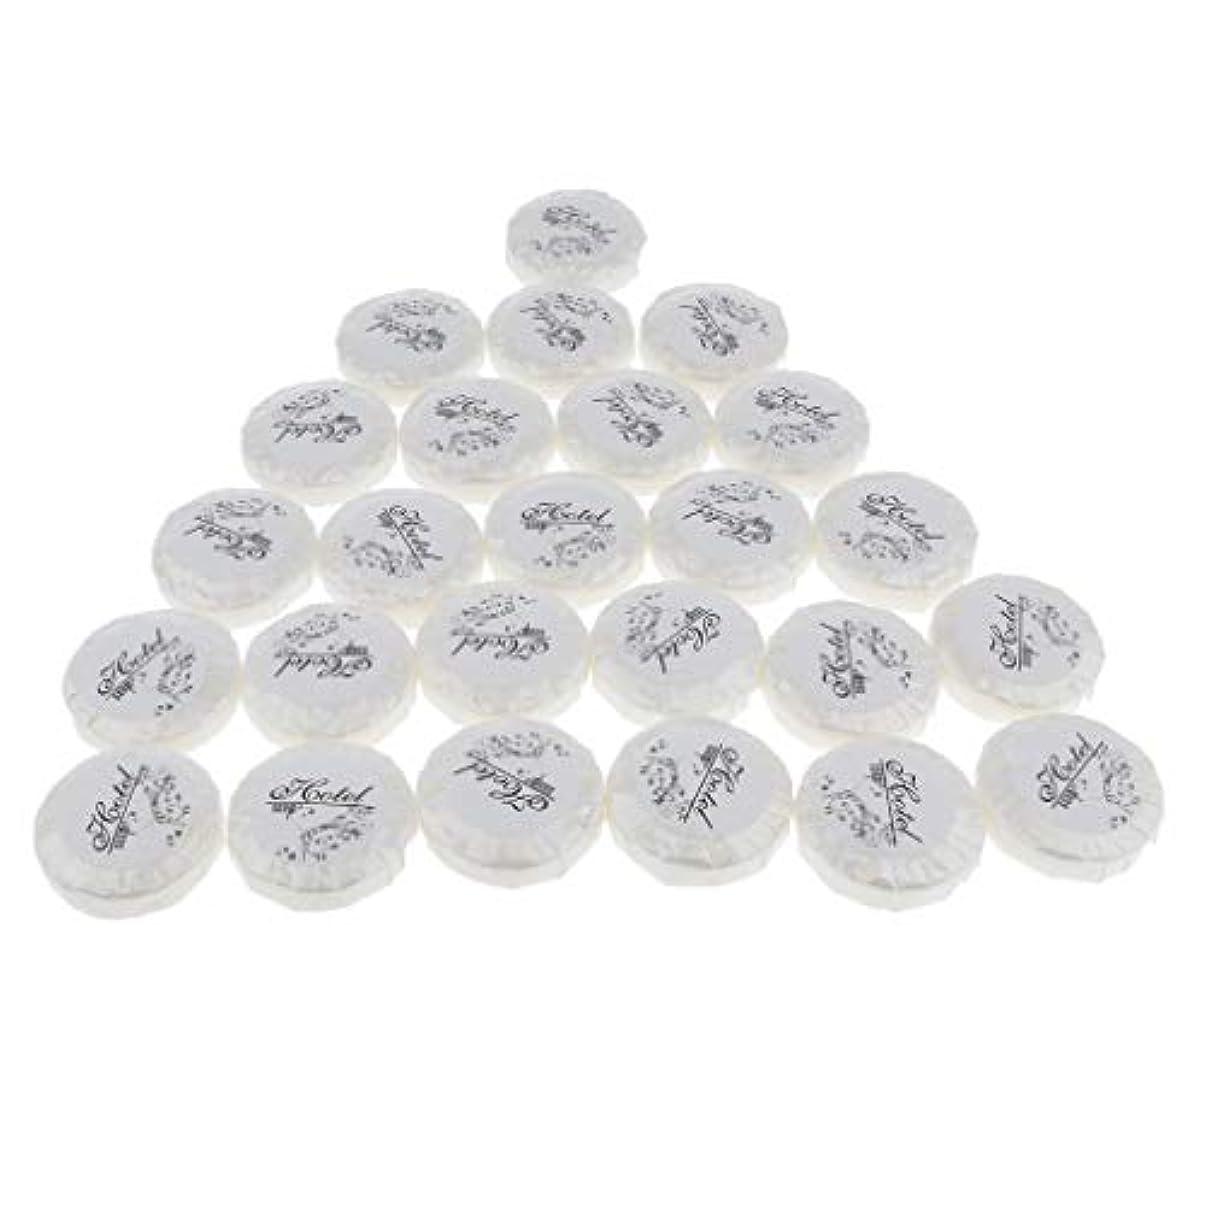 黙認するユダヤ人間P Prettyia 約150個セット 石鹸 洗顔石鹸 固形せっけん 無添加 植物油 ミニサイズ 携帯用 全3種類選ぶ - 13g